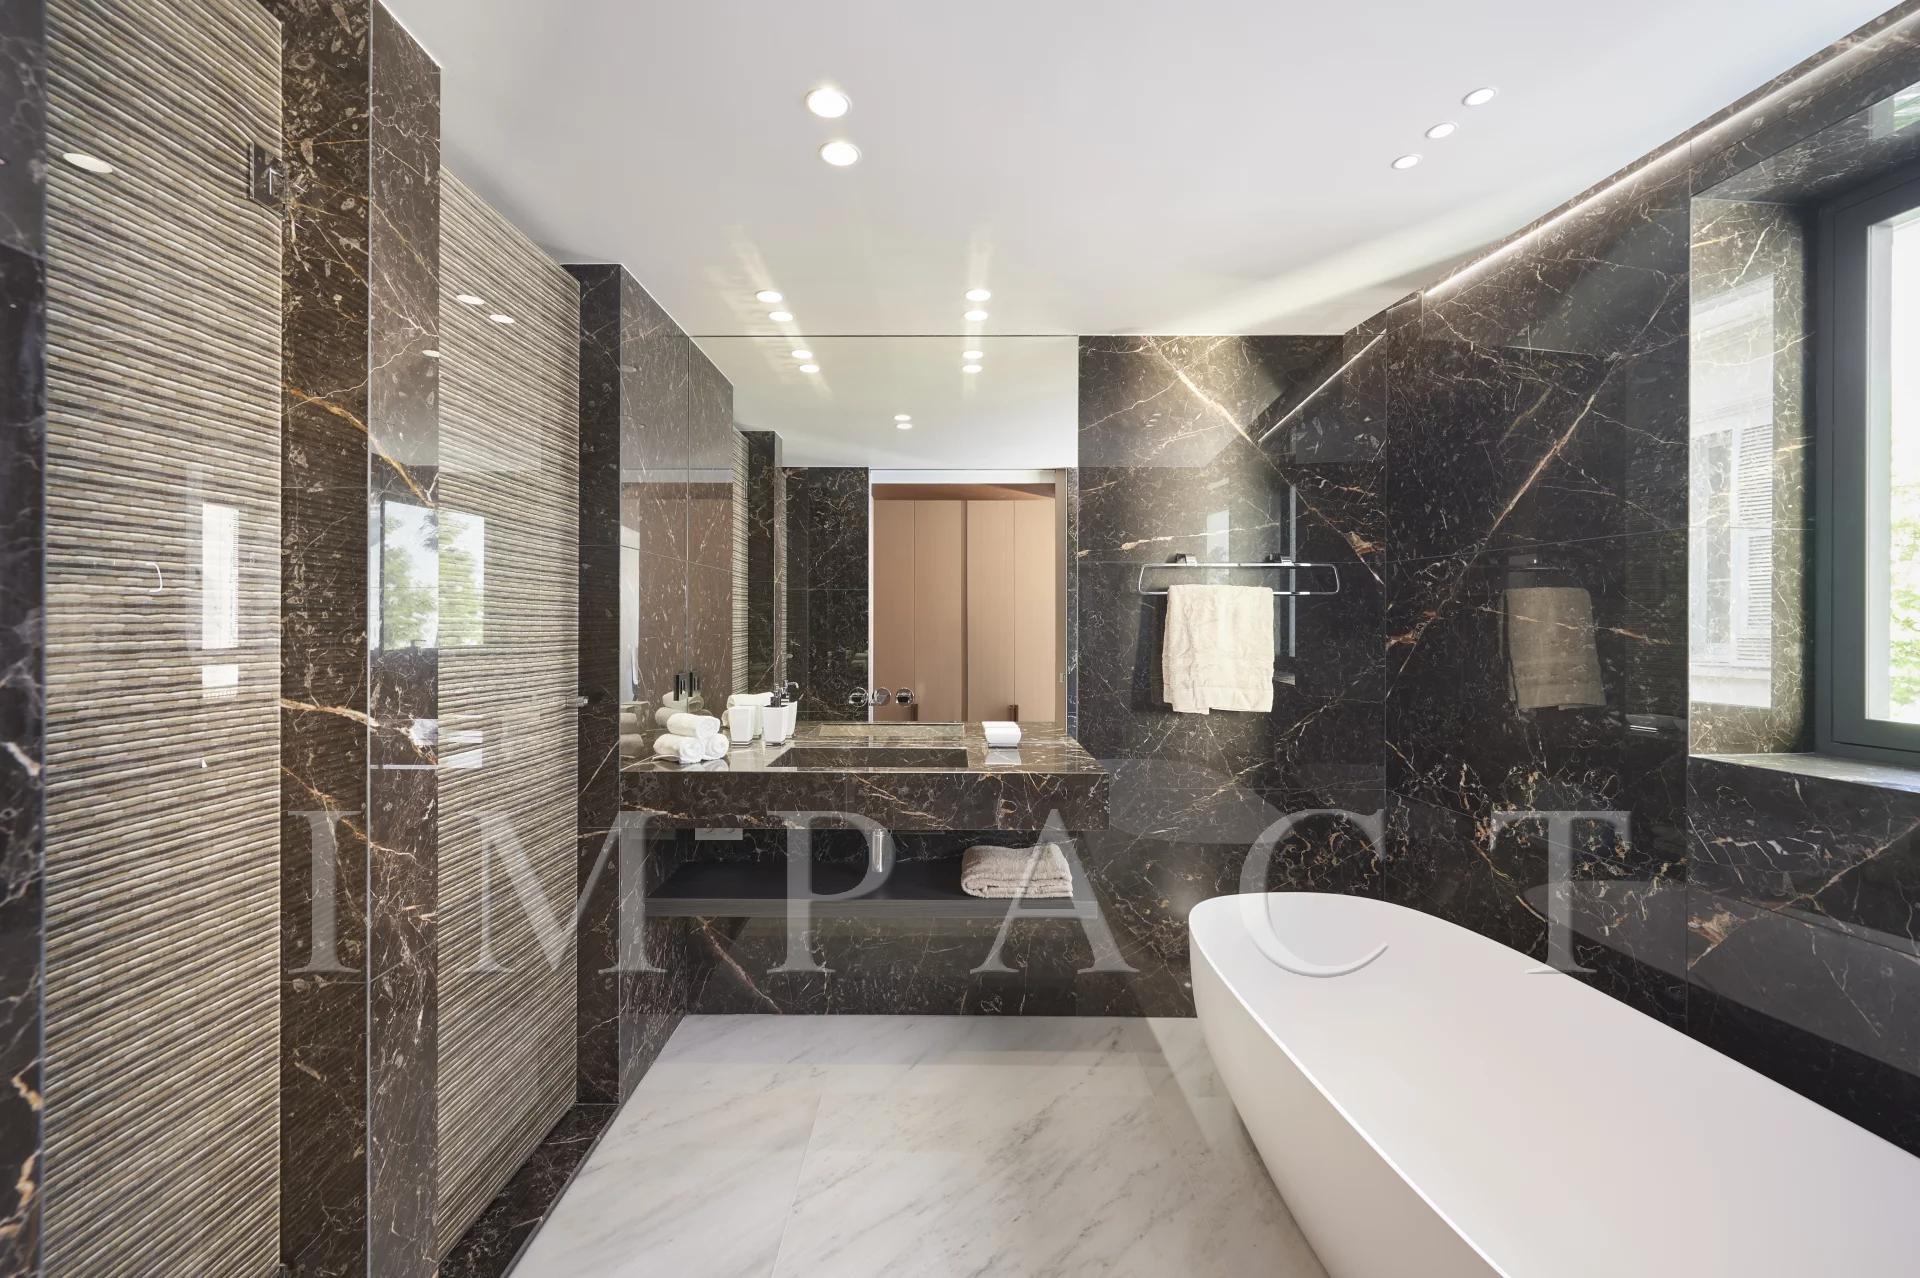 Seasonnal rent - 6 bedrooms 6 bathrooms